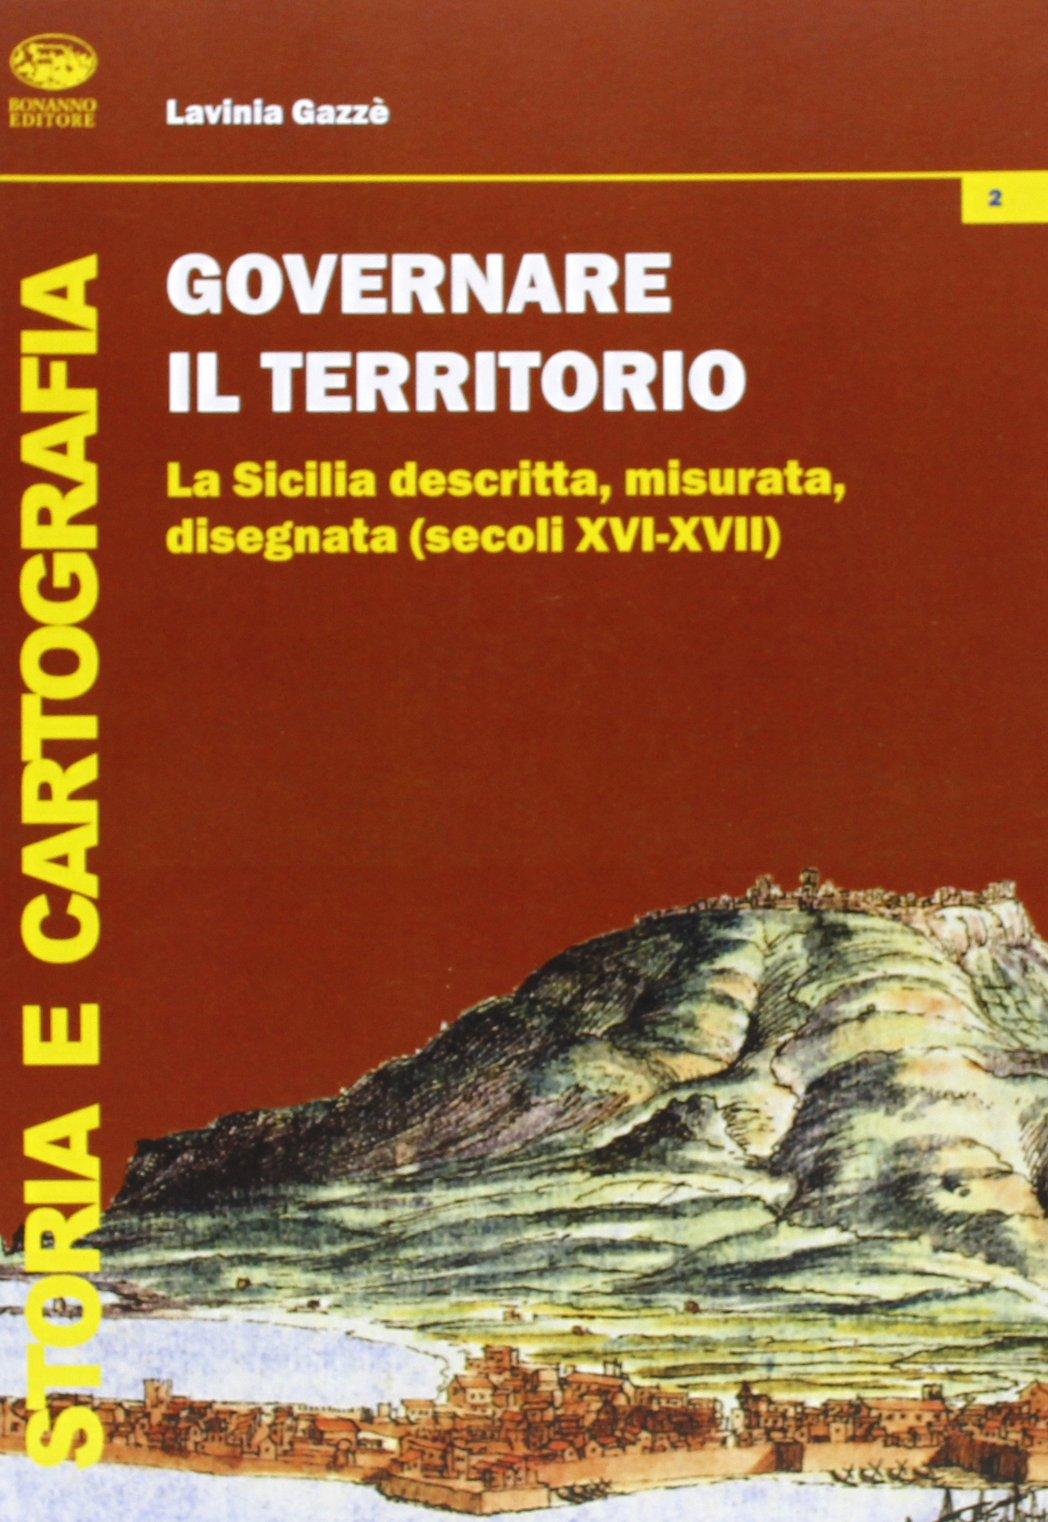 Governare il territorio. La Sicilia descritta, misurata, disegnata ( secoli XVI-XVII) (Storia e cartografia) por Lavinia Gazzè